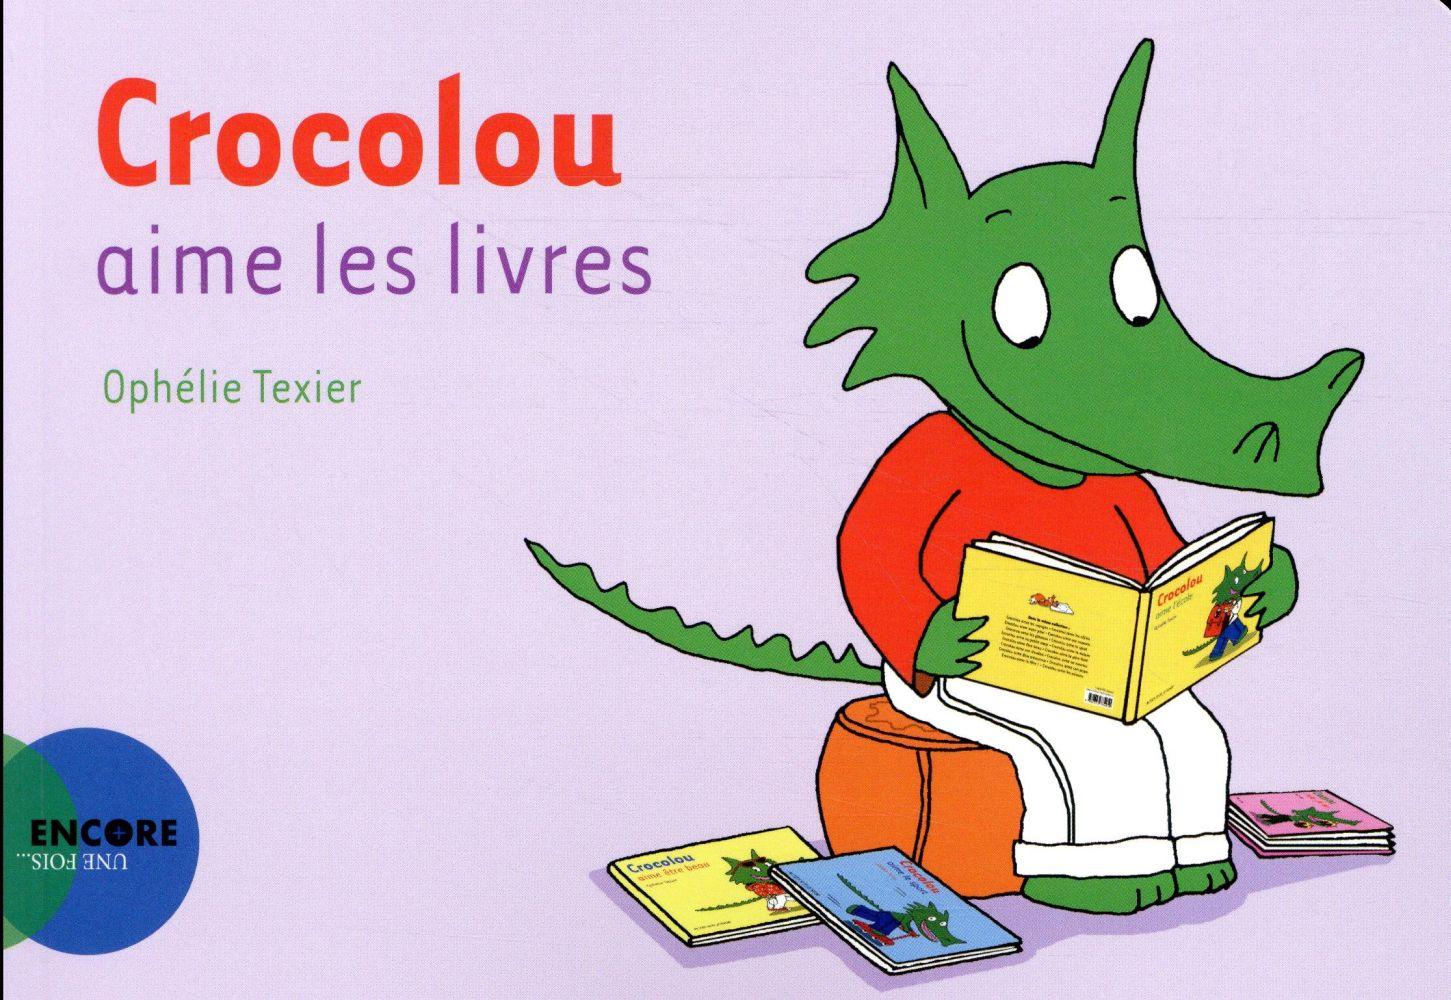 Crocolou aime les livres